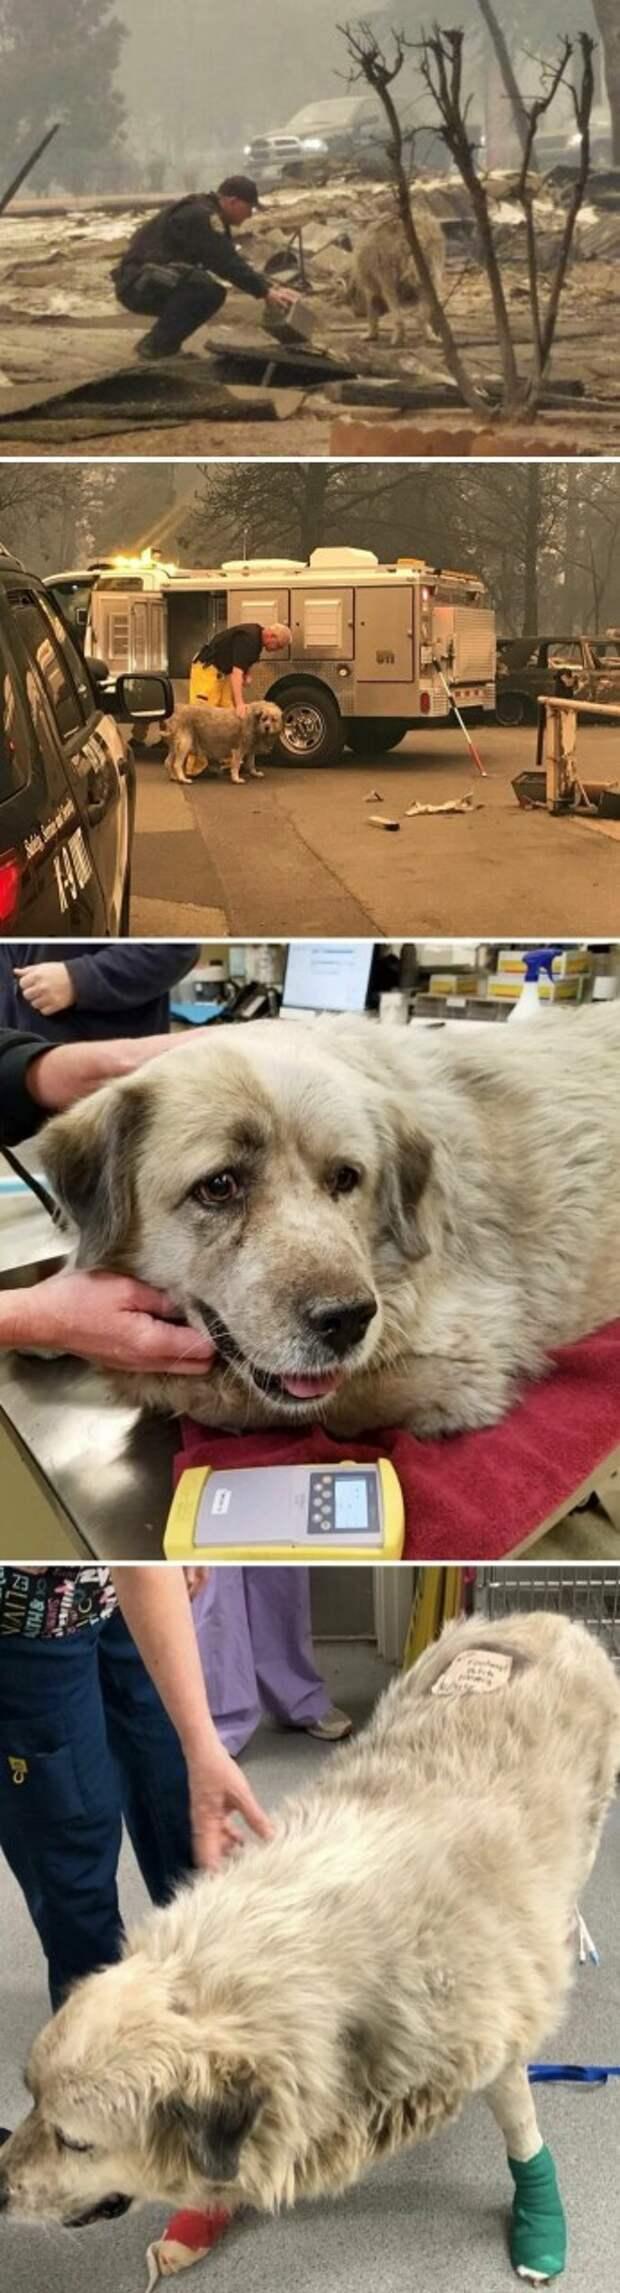 4. Эту потеряшку спасли во время калифорнийских пожаров. У нее сильно обгорели лапы, но она продолжала улыбаться. После недели поисков нашелся ее хозяин! 14 баллов из 10 всем, кто помогал! животные, оценка, популярный, собака, собаки, соцсети, твиттер, юмор